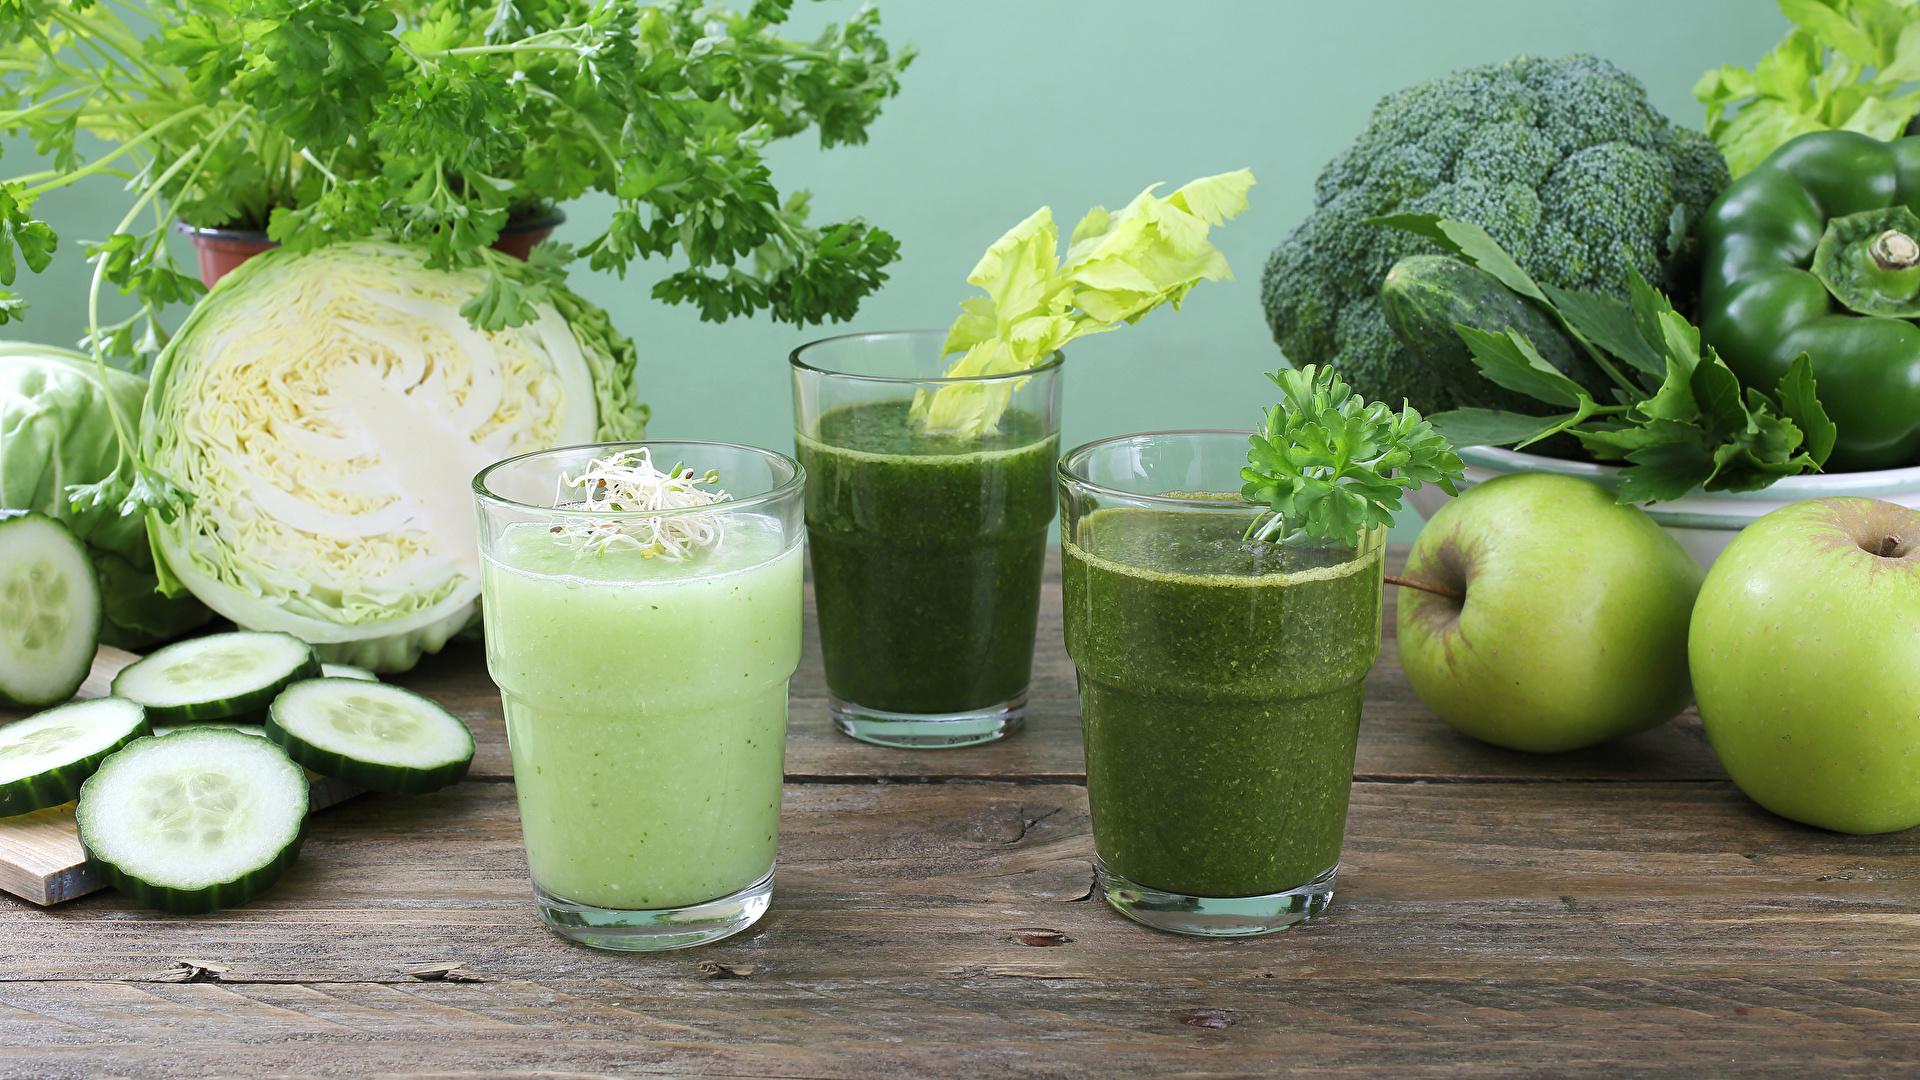 Фотографии Смузи Огурцы Капуста Яблоки стакана Еда Овощи 1920x1080 Стакан стакане Пища Продукты питания